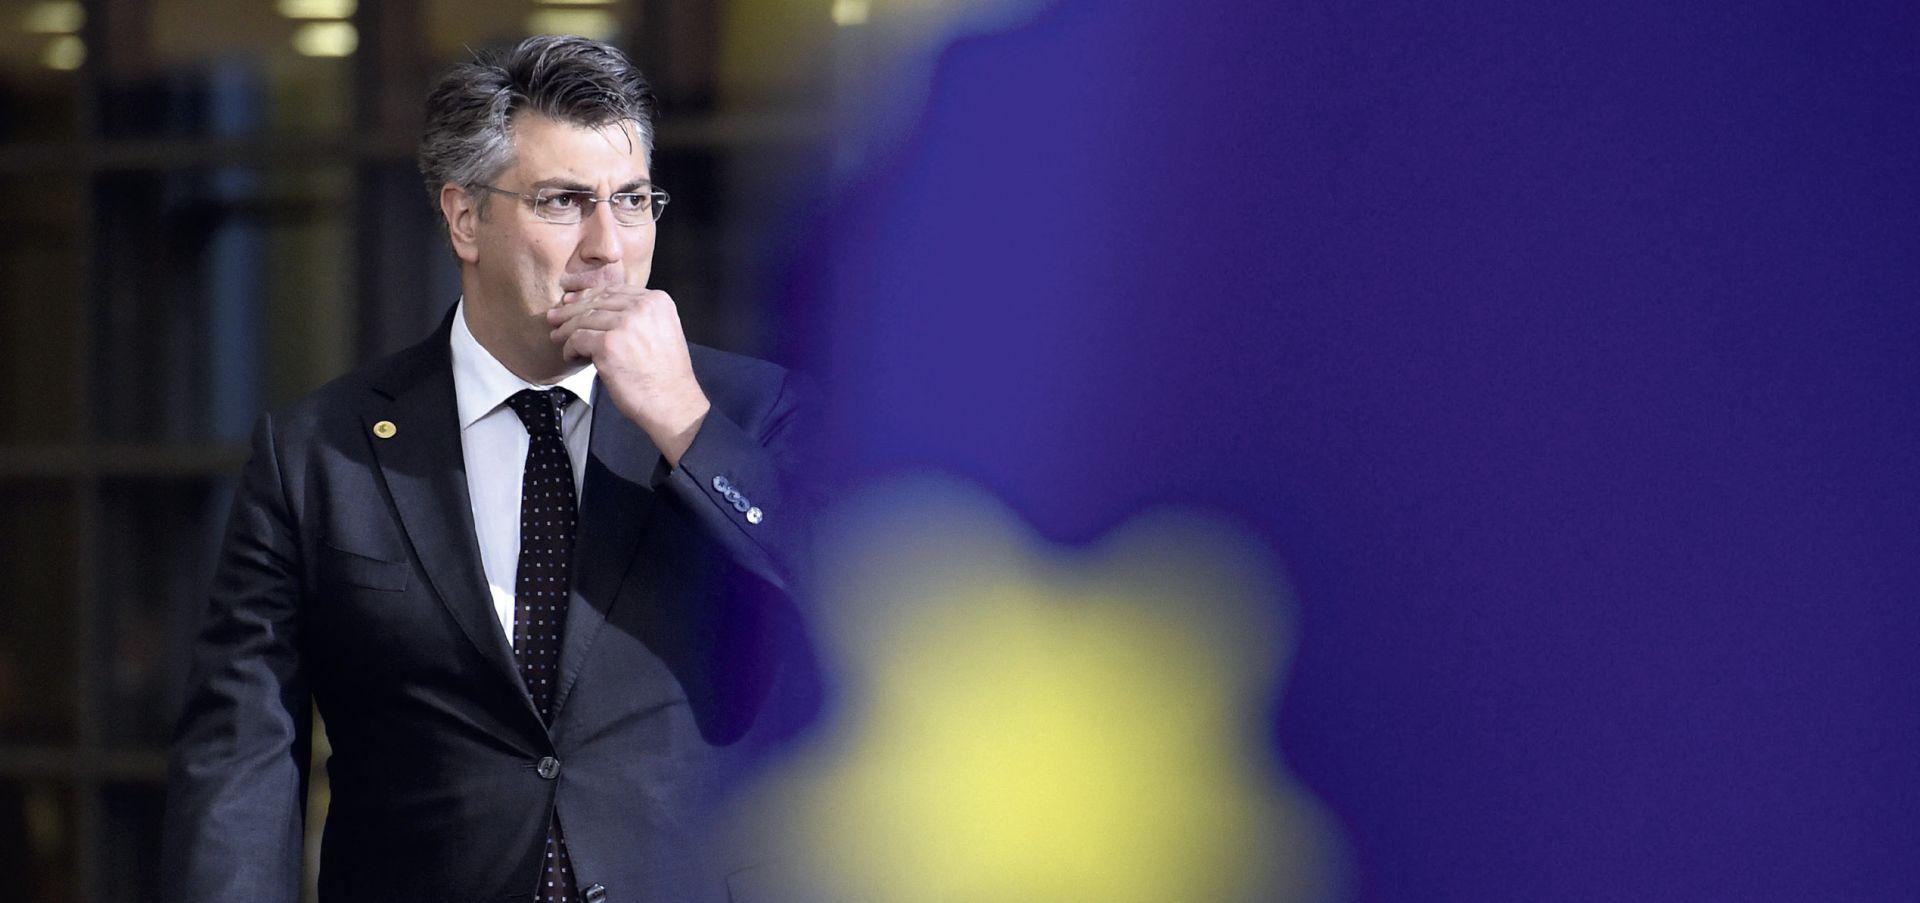 Plenković smjenjuje Stiera i kreće u pripreme za izvanredne parlamentarne izbore